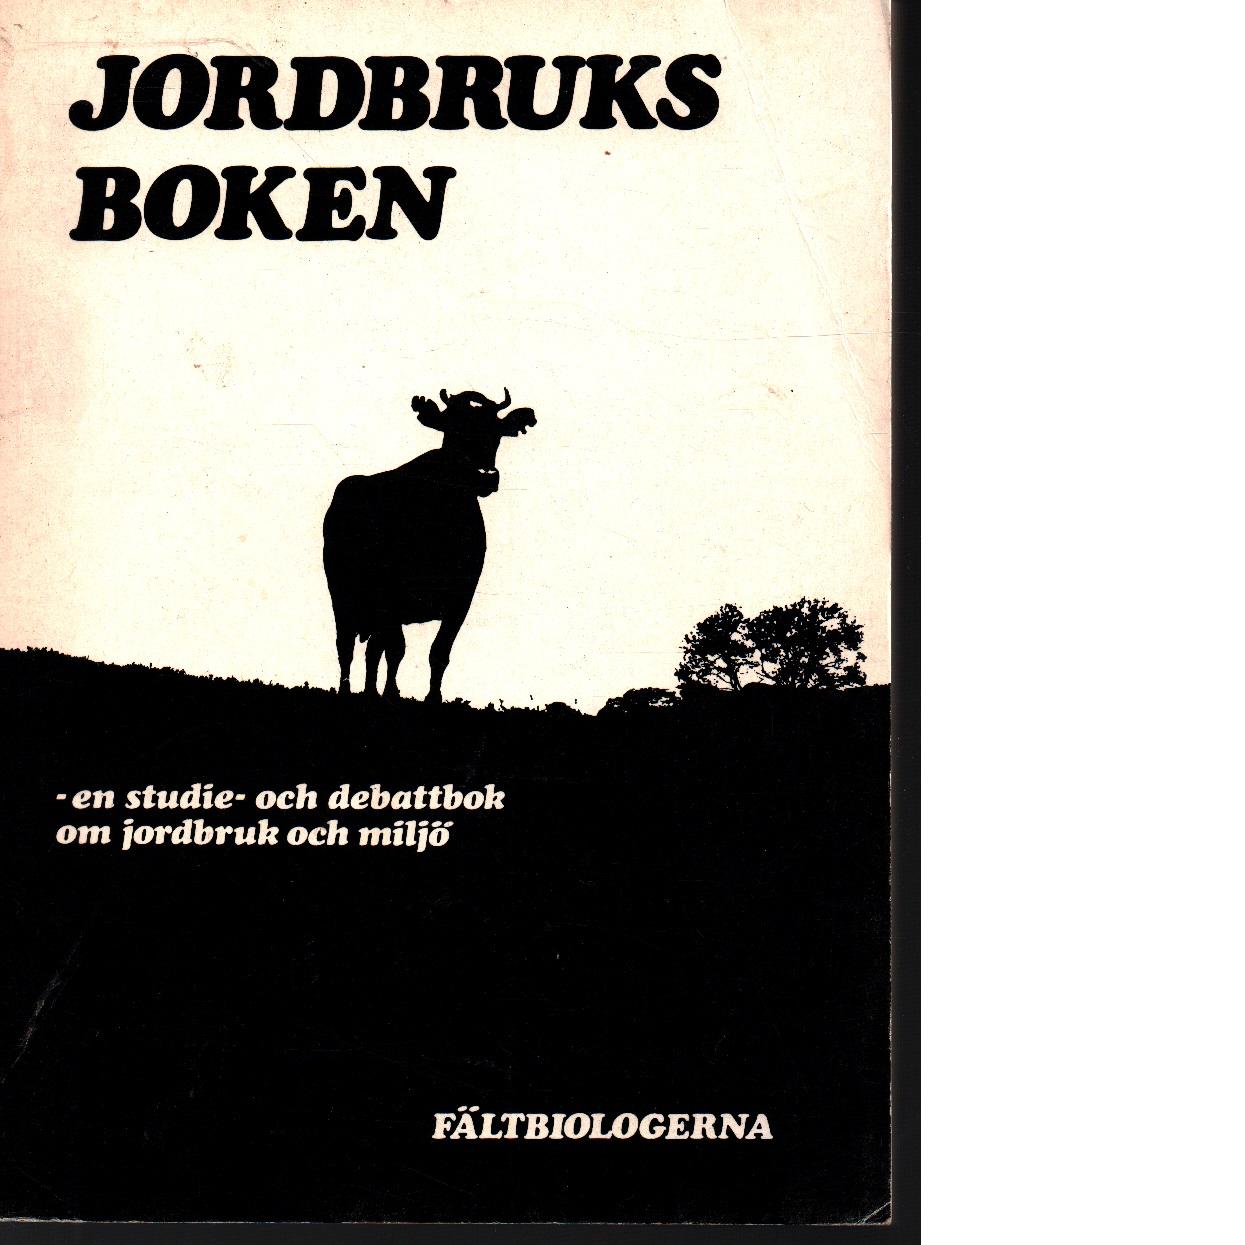 Jordbruksboken : en studie- och debattbok om jordbruk och miljö - Red.